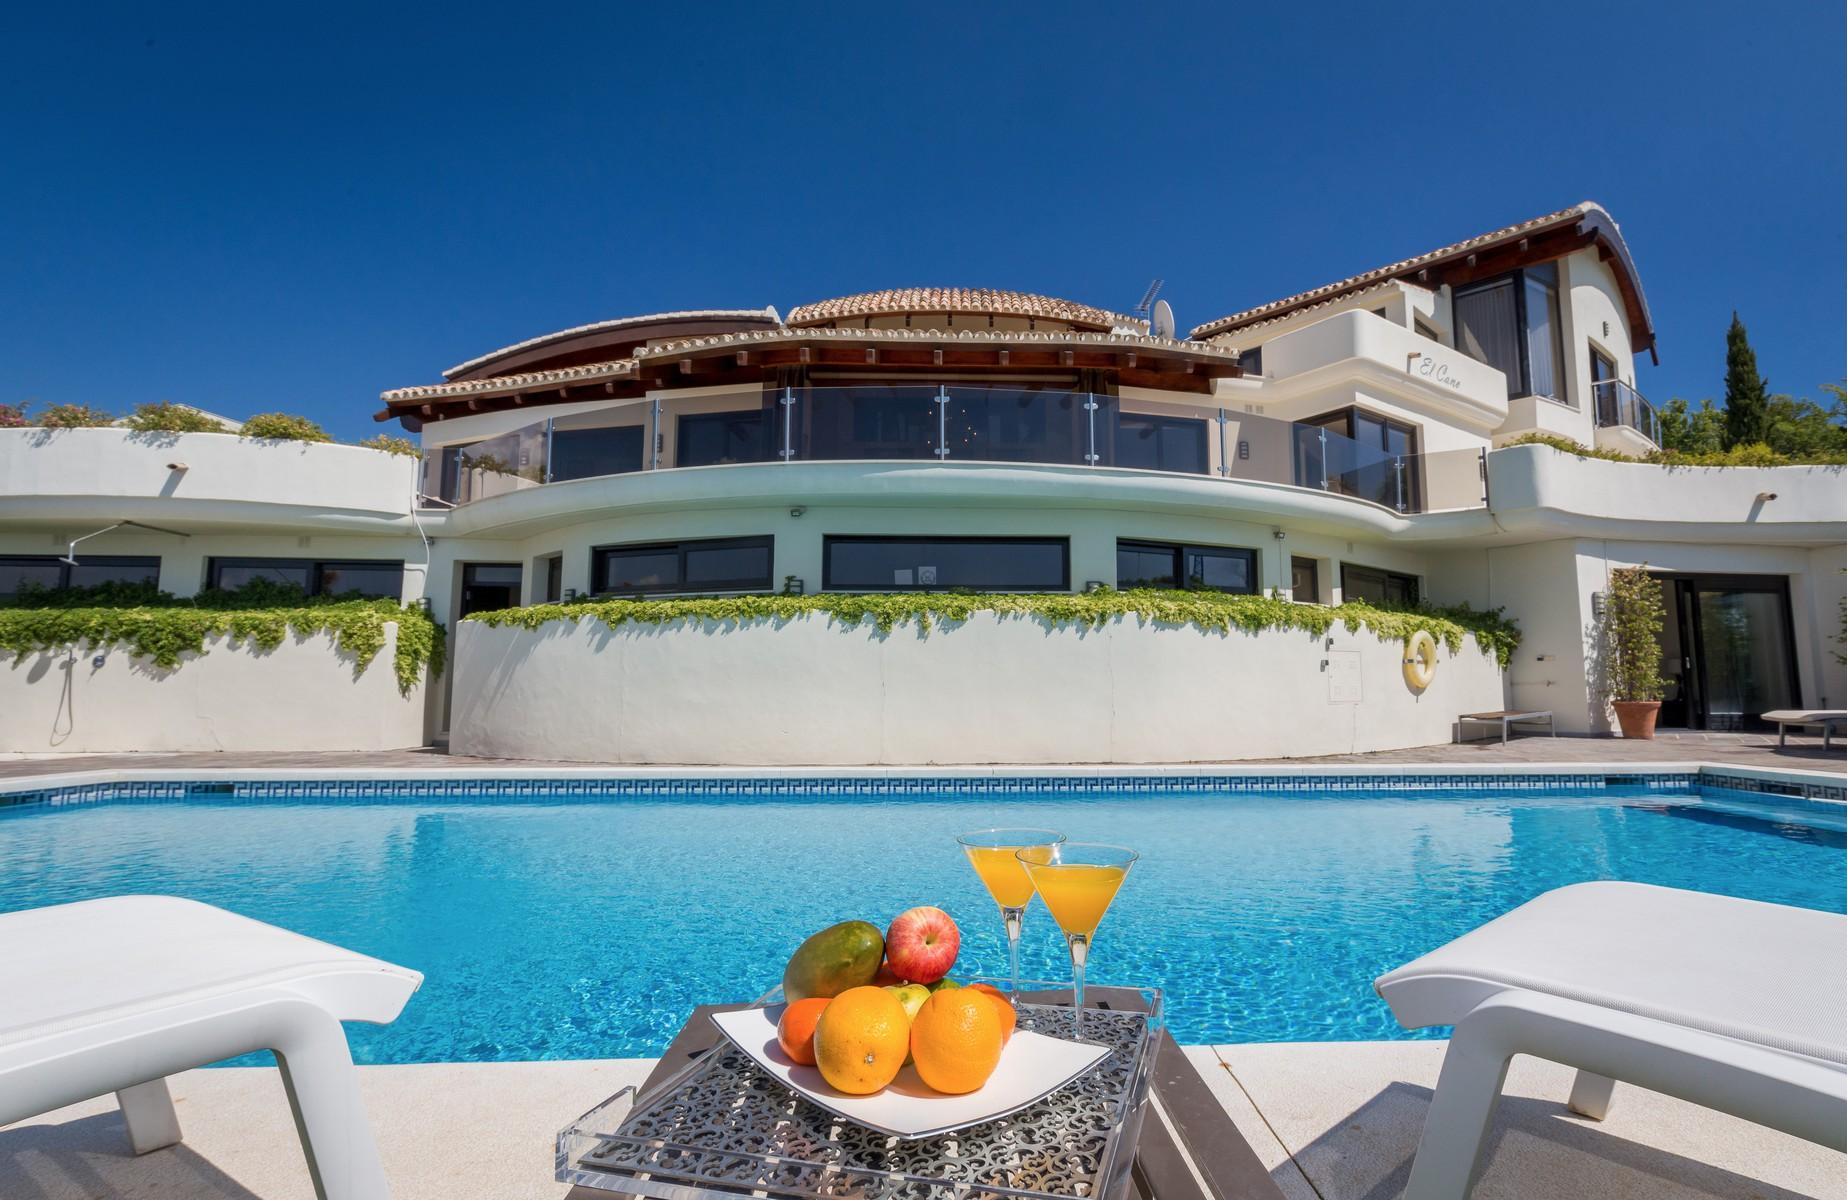 6-villa-el-cano-exterior-pool-finer-detail-3